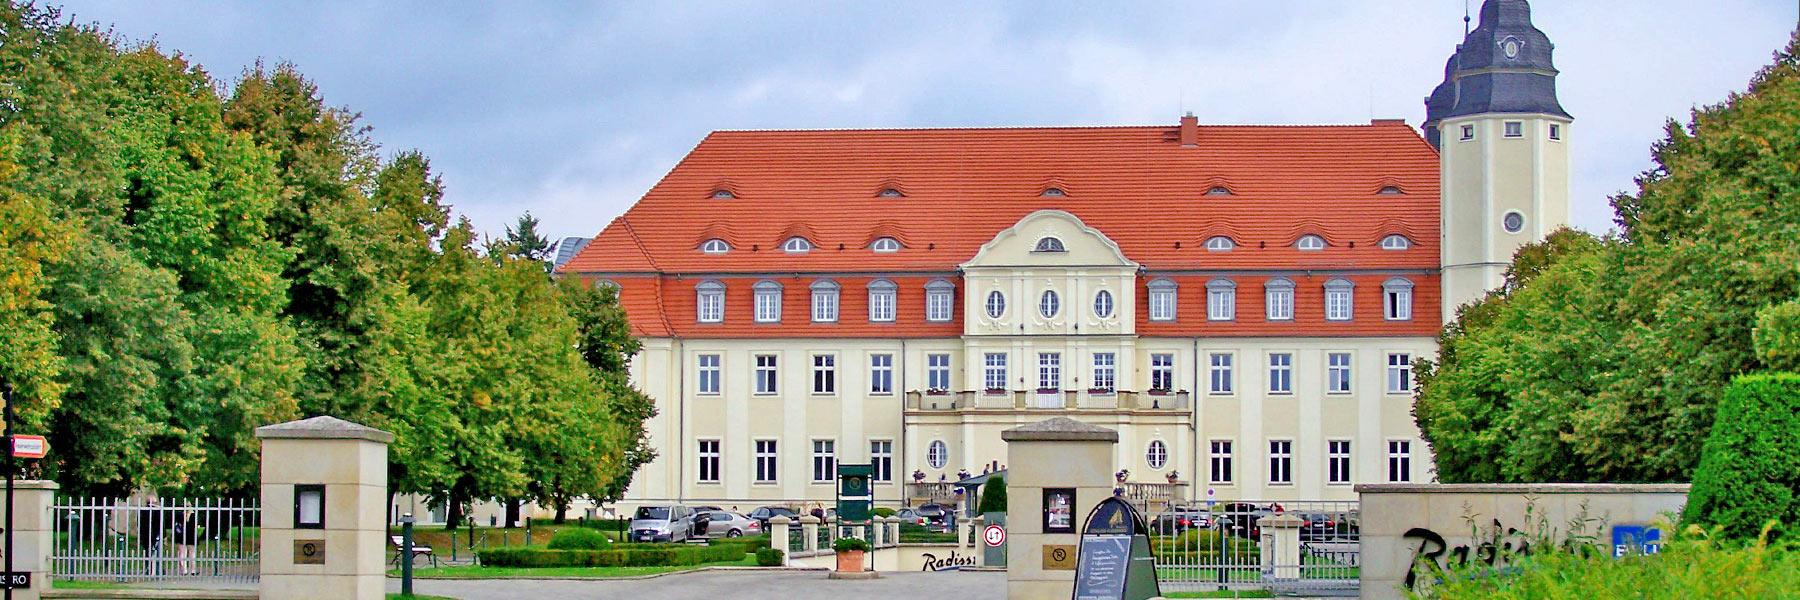 Schlosshotel - Göhren-Lebbin